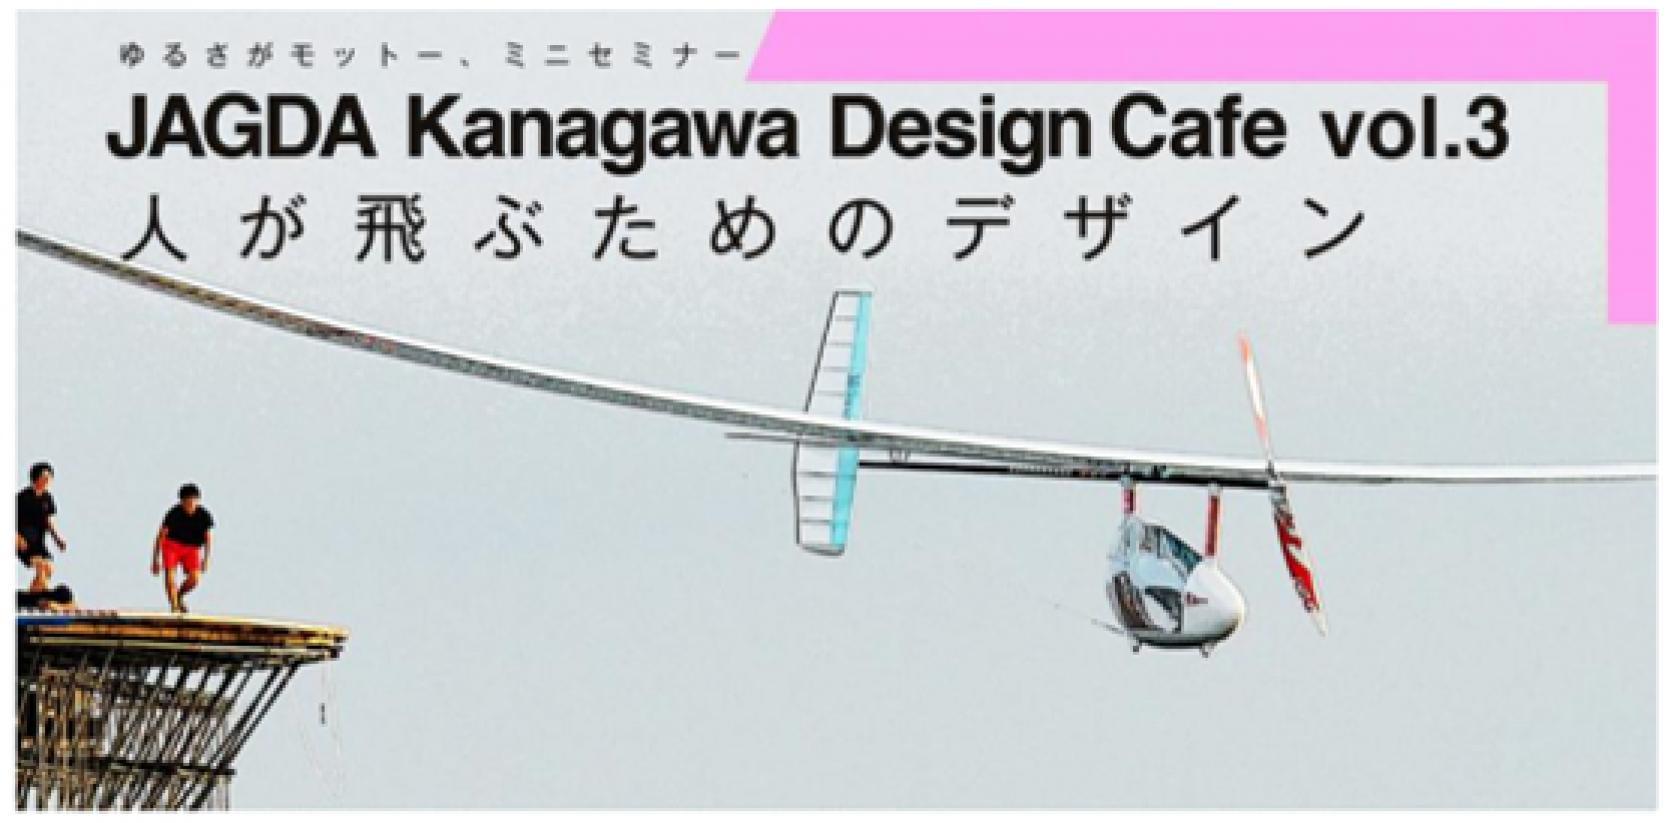 <8月25日(日):横浜みなとみらいBUKATSUDO(ホール)>航空研究会がトークショー「JAGDA KANAGAWA Design Cafe Vol.3 人が飛ぶためのデザイン」に登場します(事前申込制)